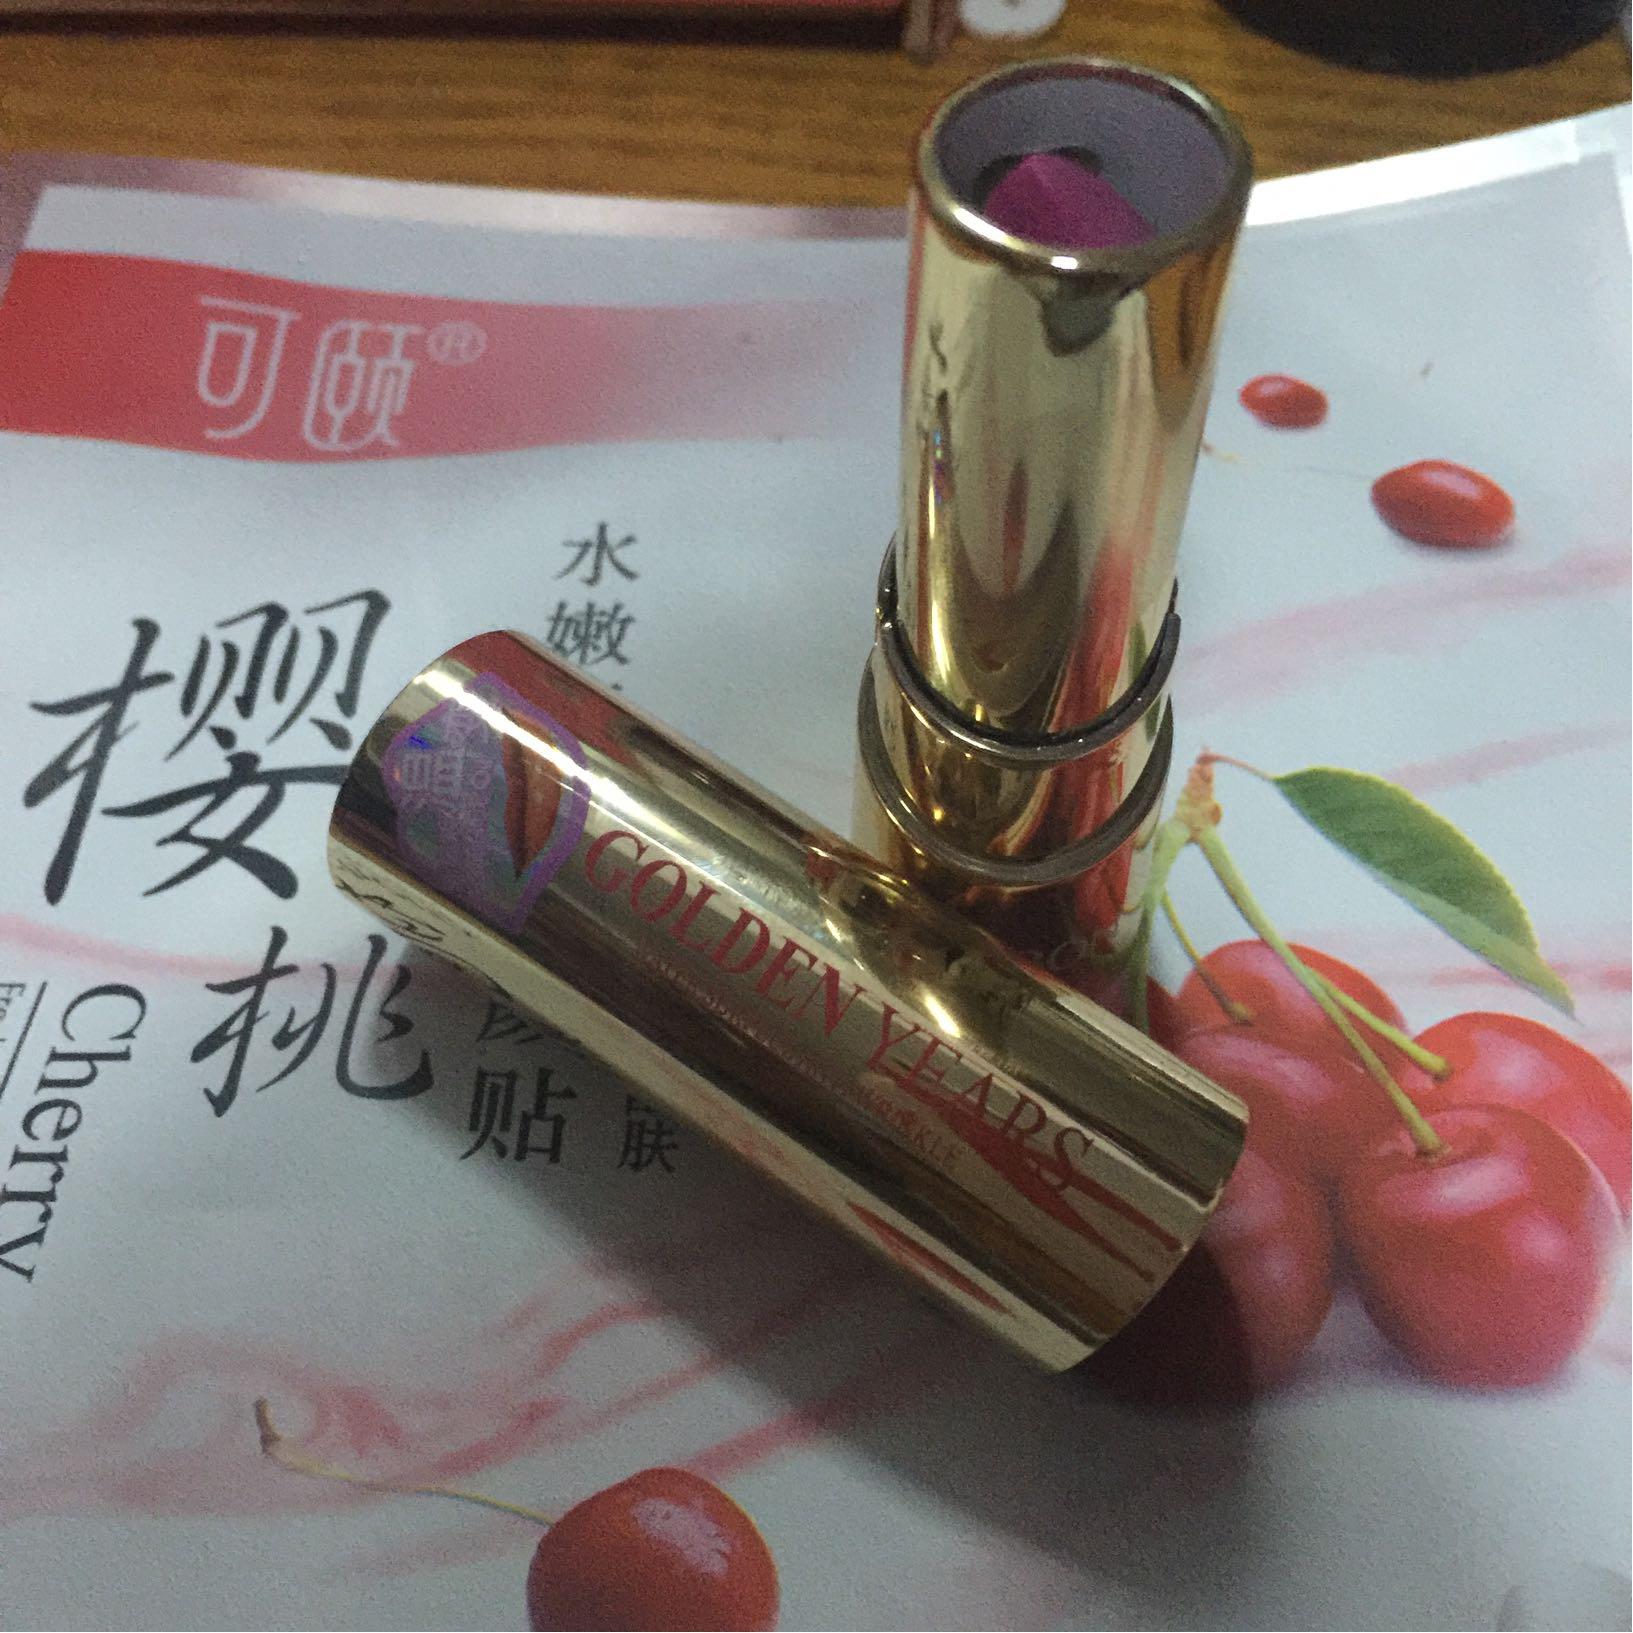 雅邦胡萝卜素唇膏03号颜色葡萄紫口红试色,适合皮肤白皙的妹子